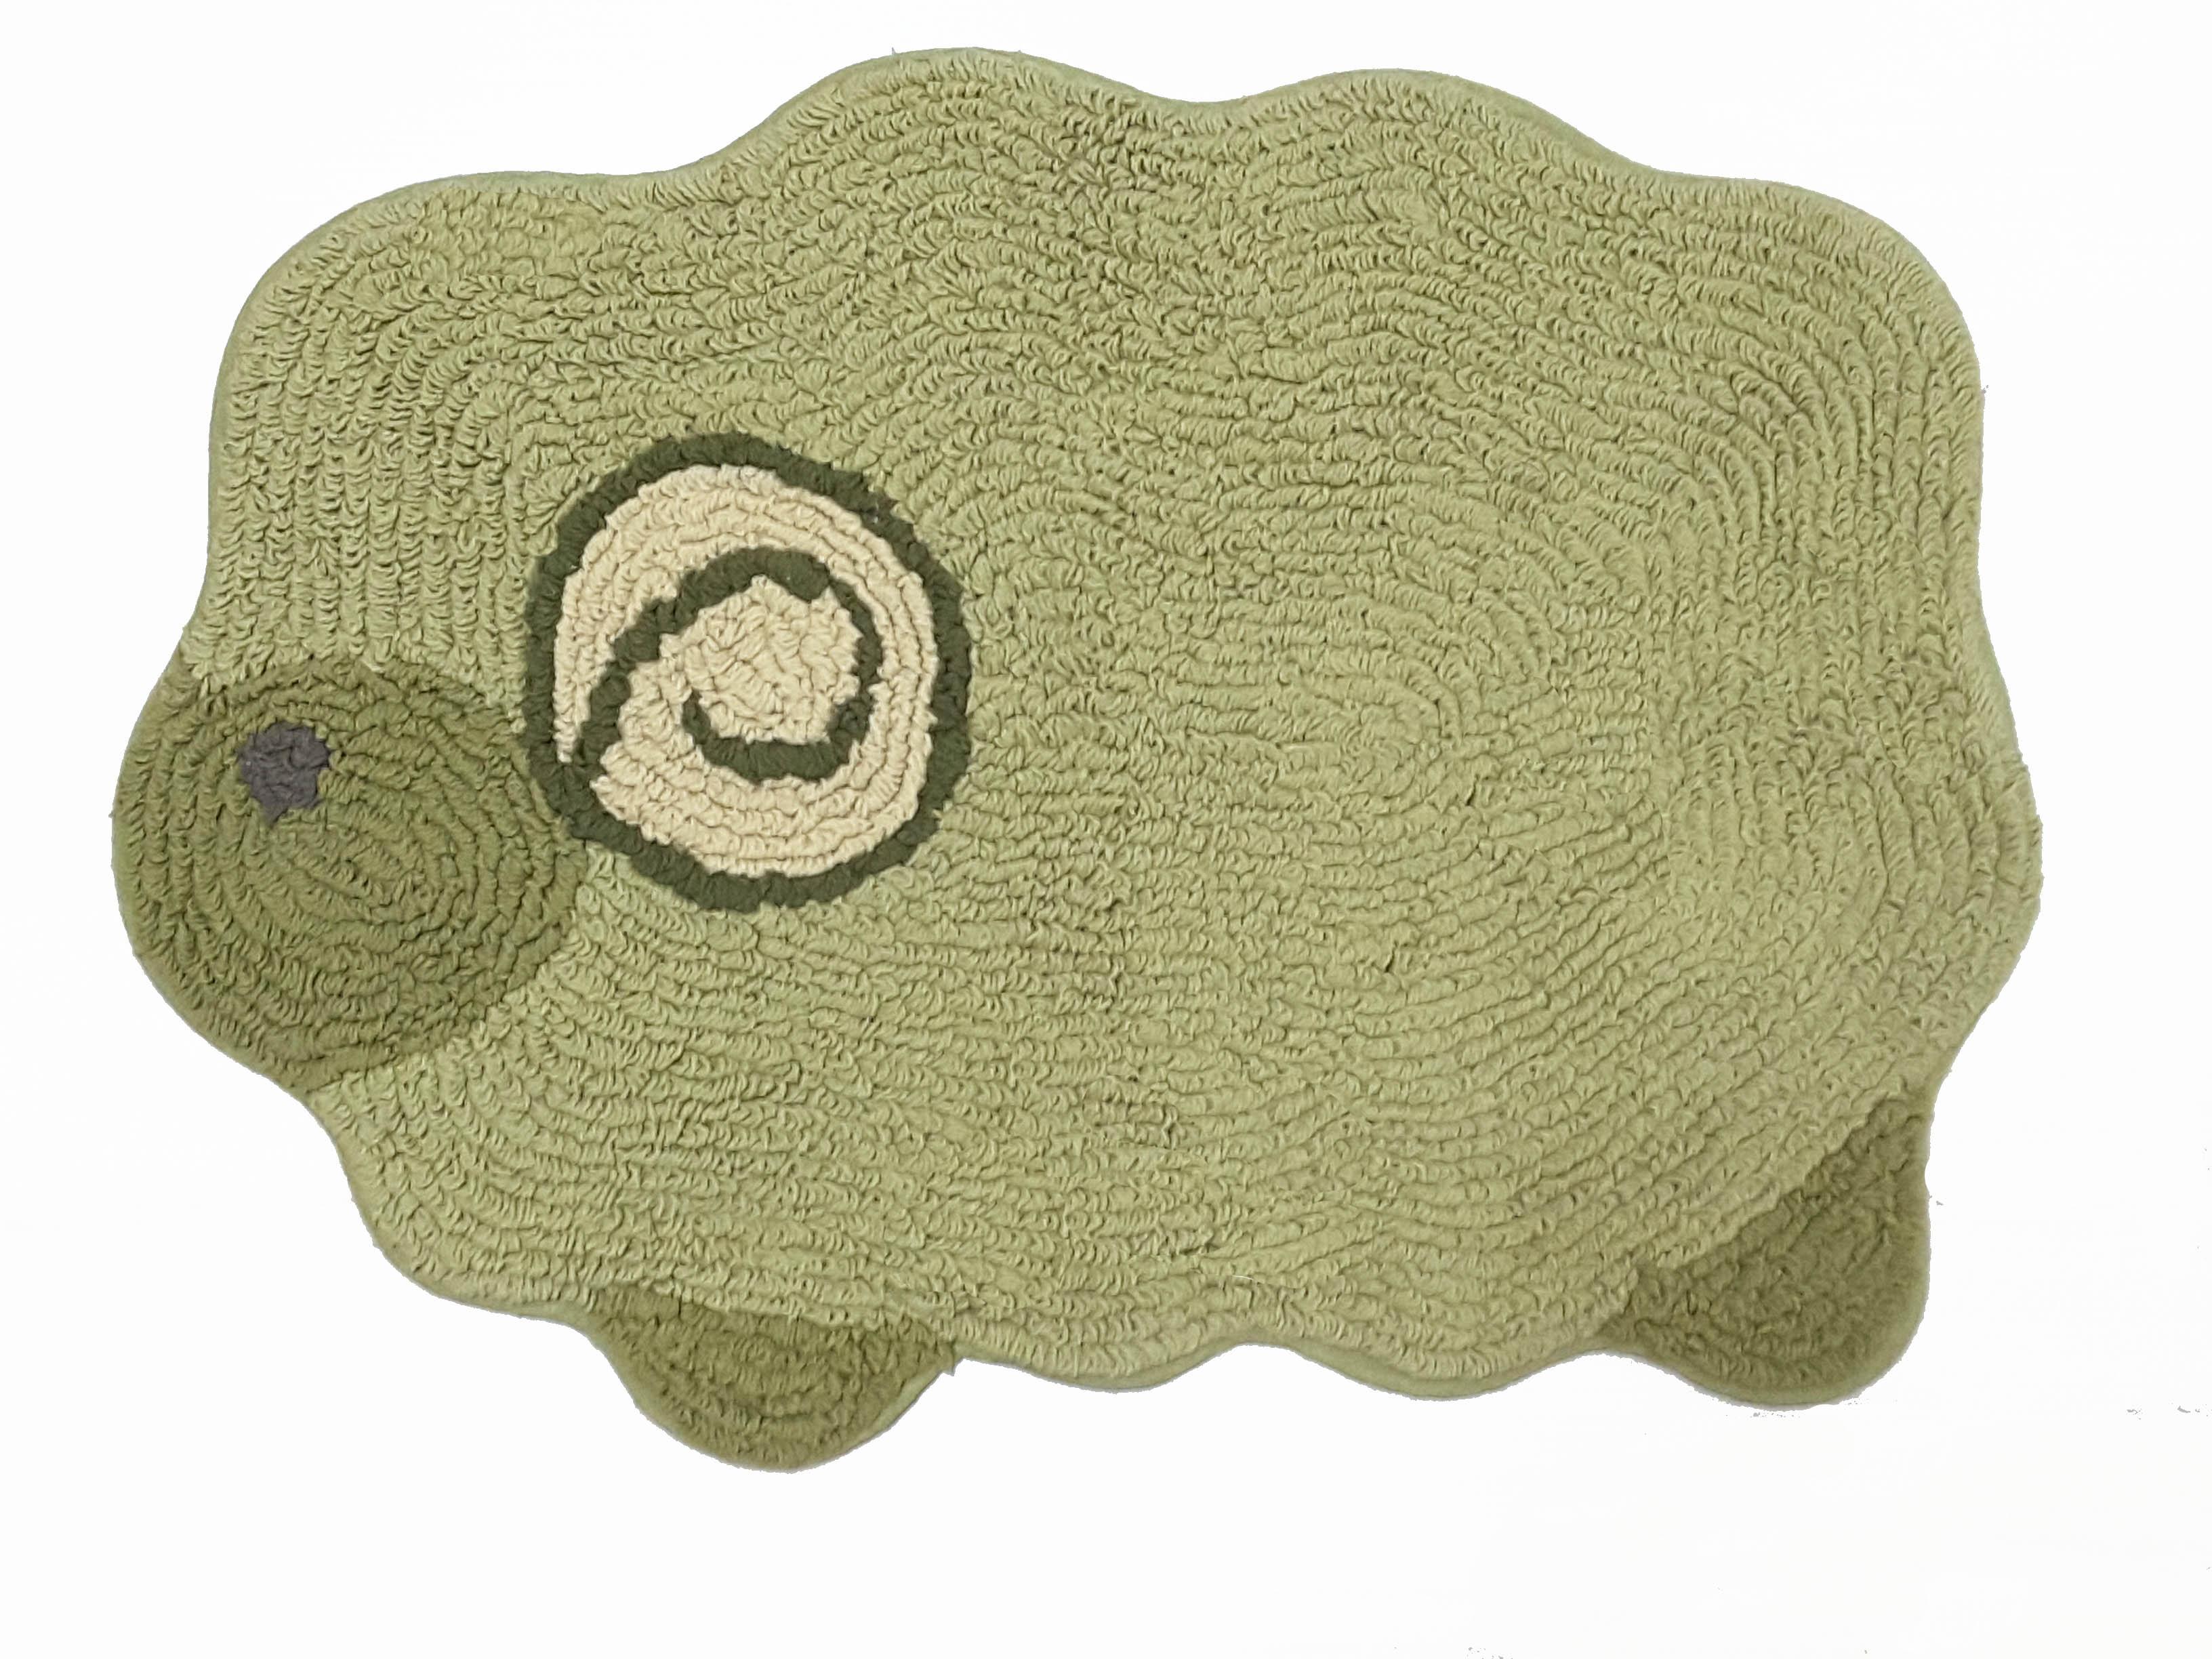 La maison生活小舖《繽紛馬卡龍抹茶綠綿羊腳踏墊》吸水防滑 柔順觸感 可愛造型 地墊/軟墊/腳踏墊/止滑墊/吸水墊/軟毛墊